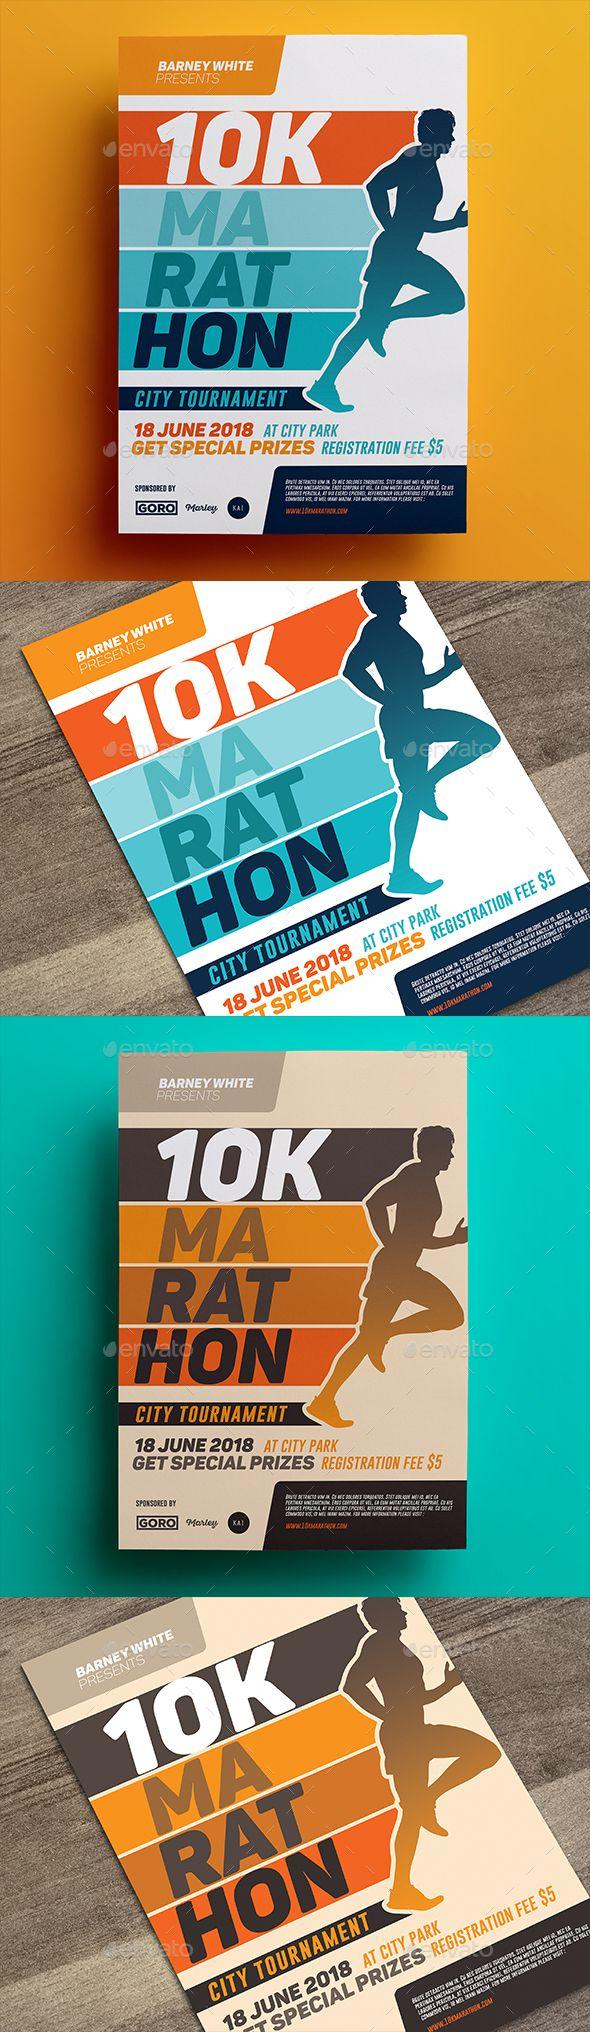 Marathon Flyer 03 | Folletos, Desafíos y Cosas bonitas